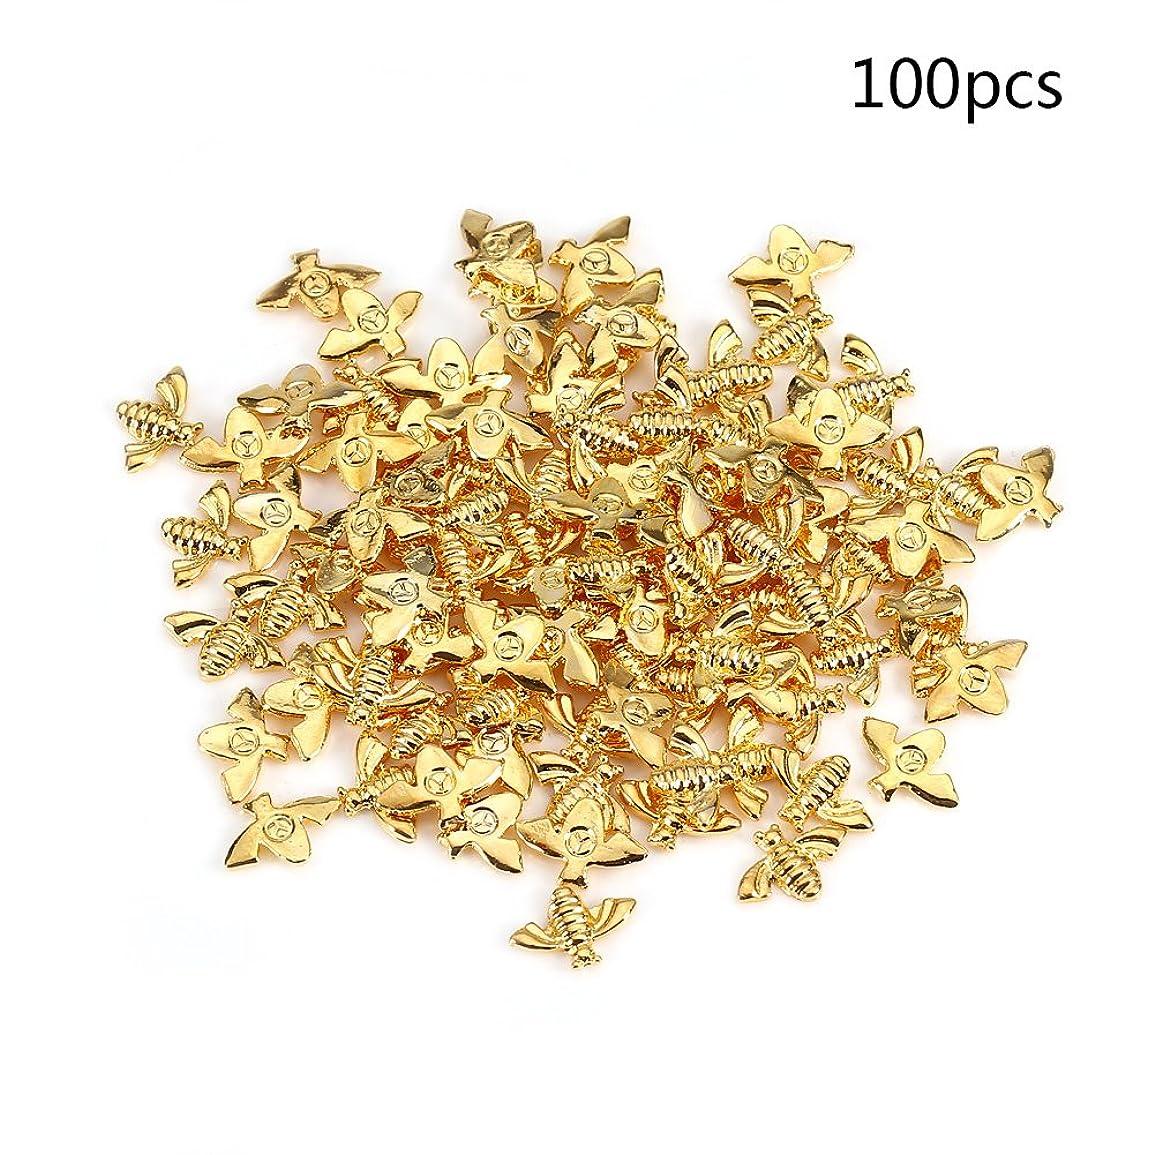 牛本体偽善者100pcs / Bag Metal Bees 3Dネイルデコレーションデカール(ゴールド)